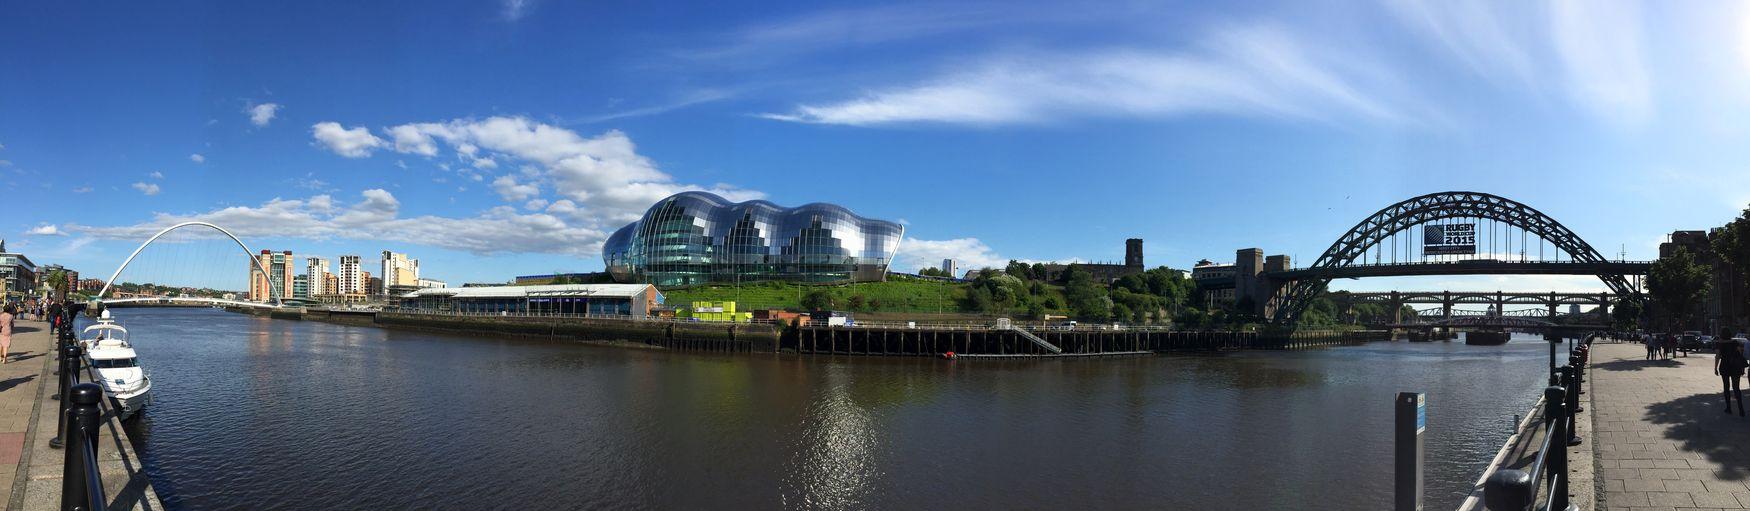 Gateshead Quayside Panorama Gateshead EyeEm Best Shots